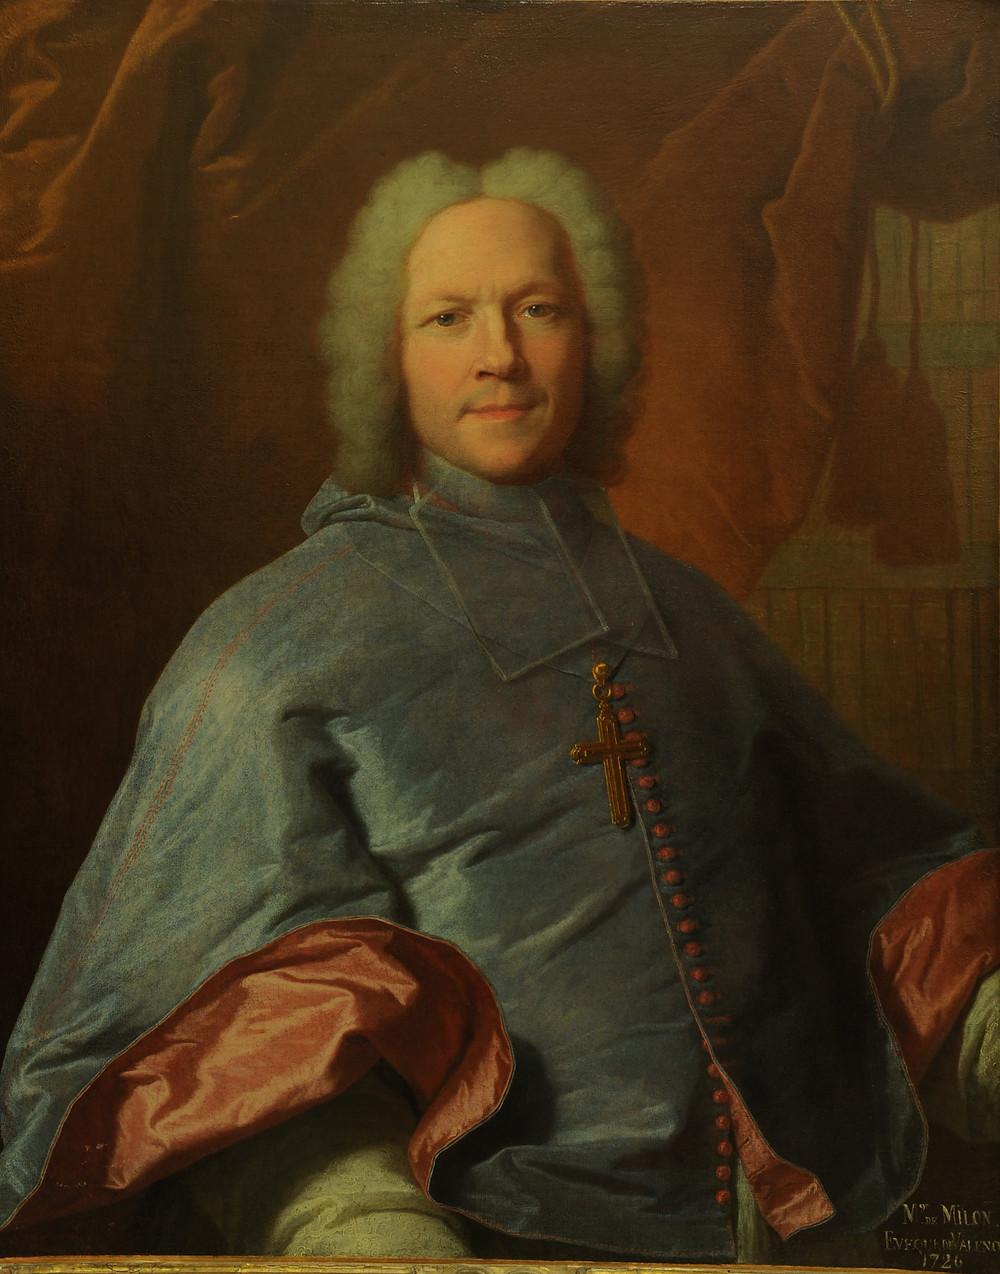 Hyacinthe Rigaud, Portrait d'Alexandre Milon, évêque de Valence, 1735, Valence, musée des Beaux-Arts, inv. P.21